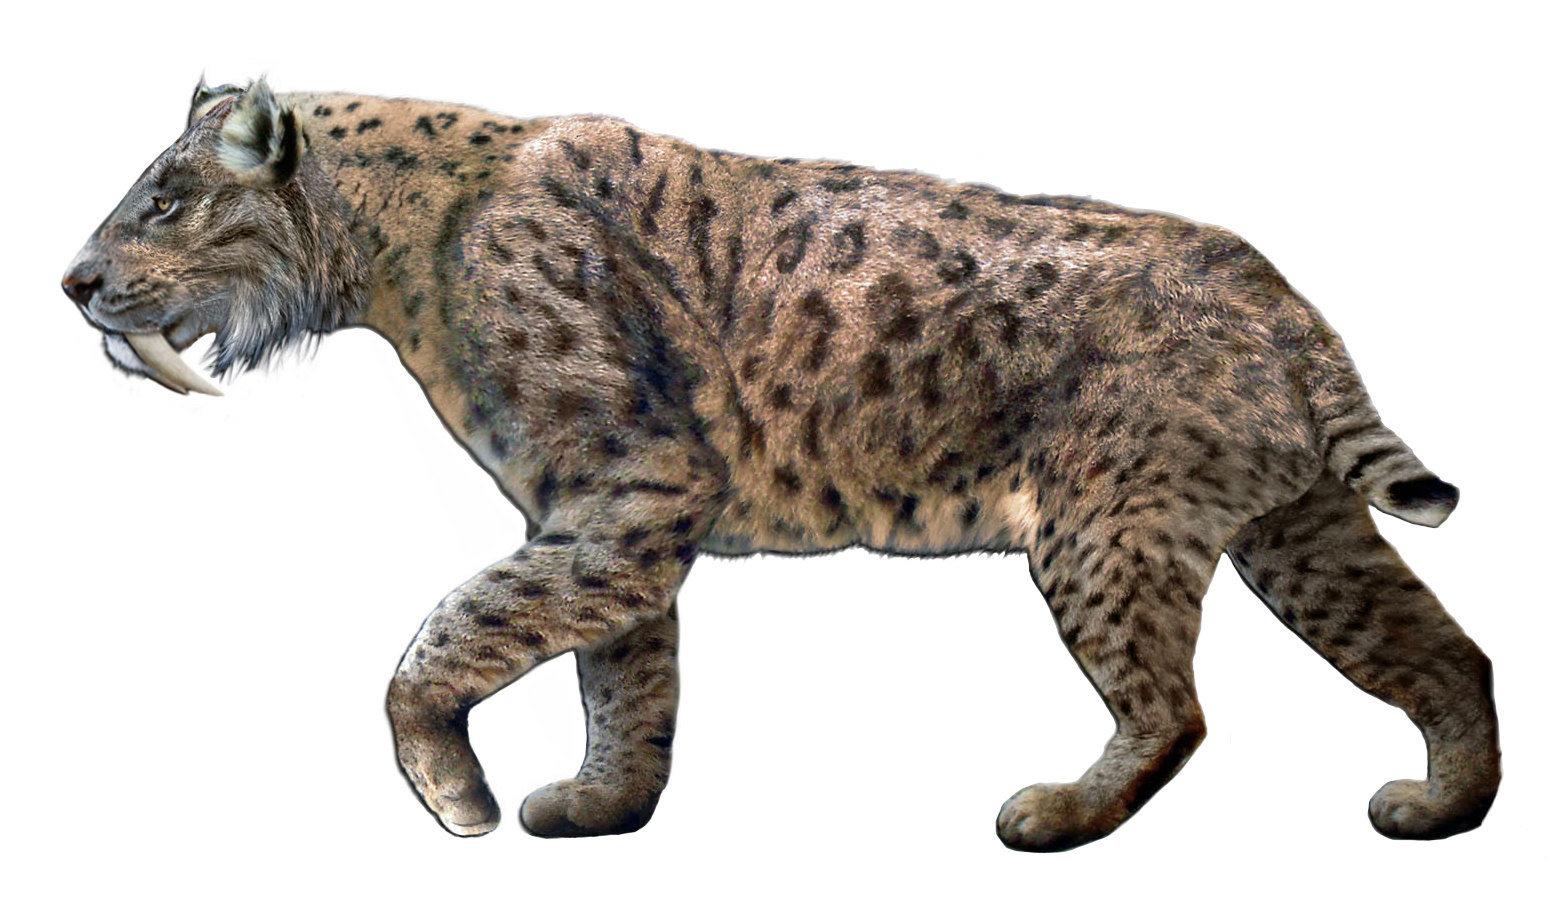 Top Ten Animales Extintos Hace Millones De Anos Es el animal más recientemente extinto en esta lista. animales extintos hace millones de